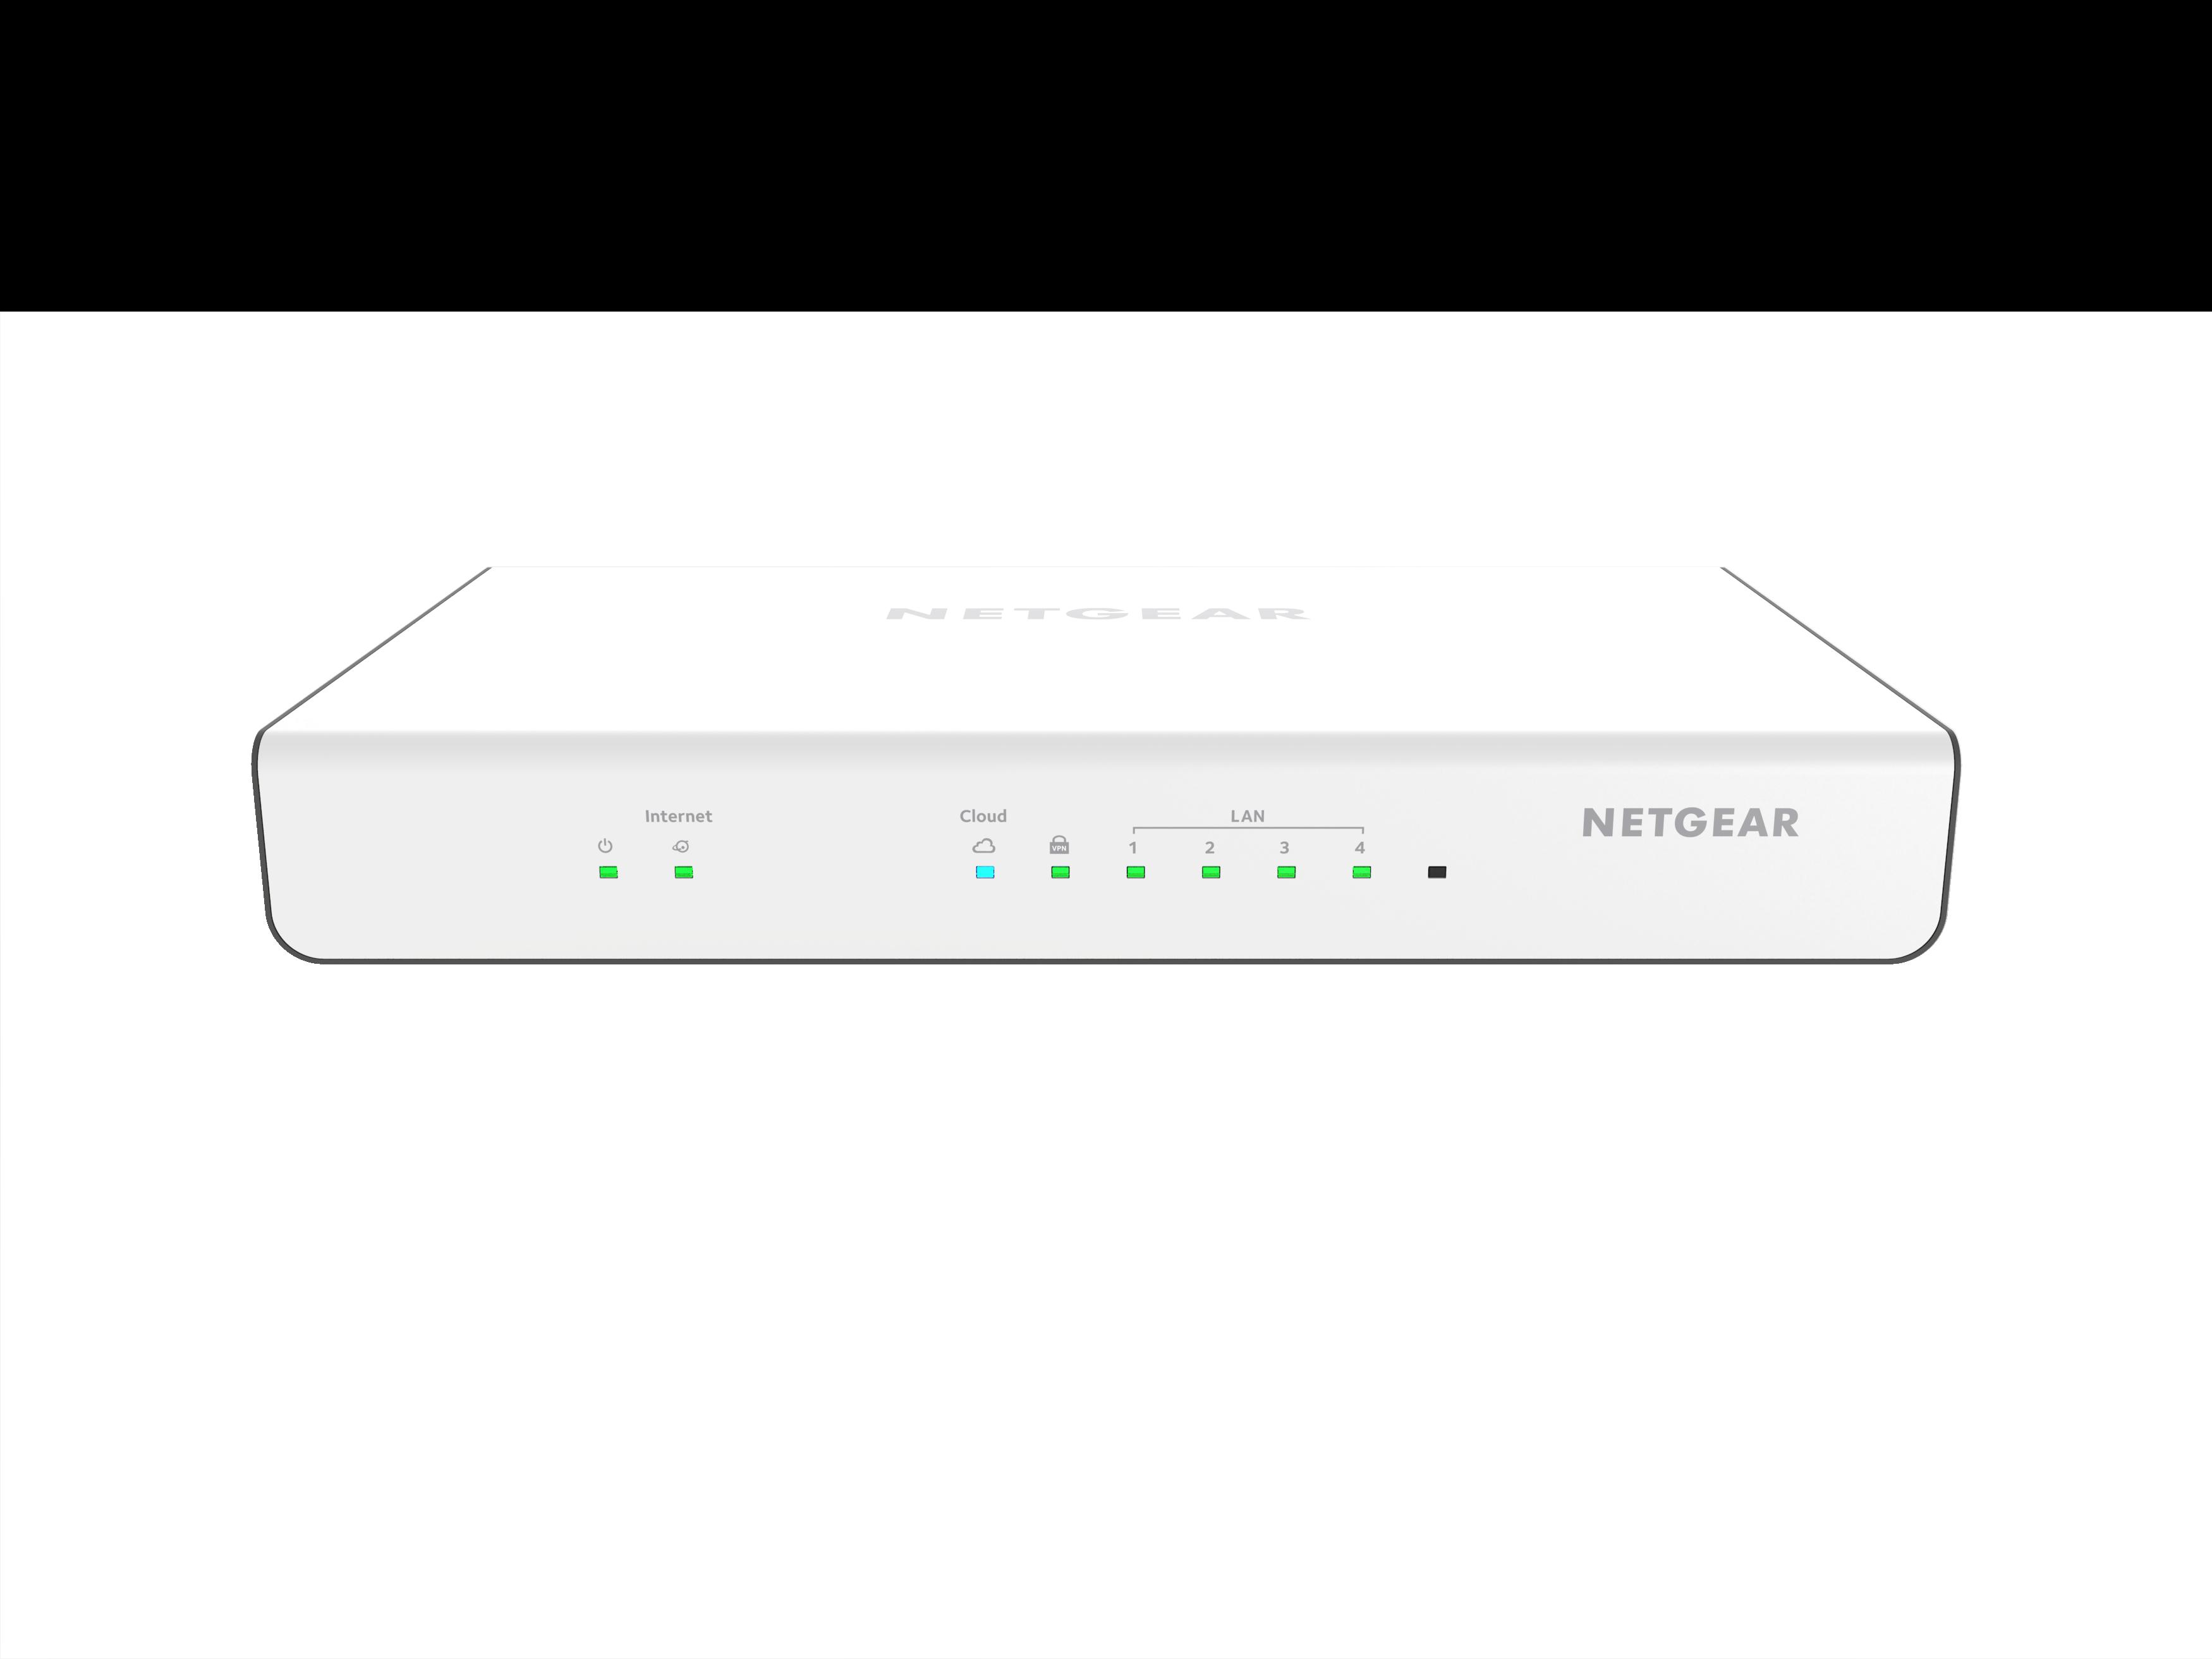 NETGEAR BR500 Insight Instant VPN Router